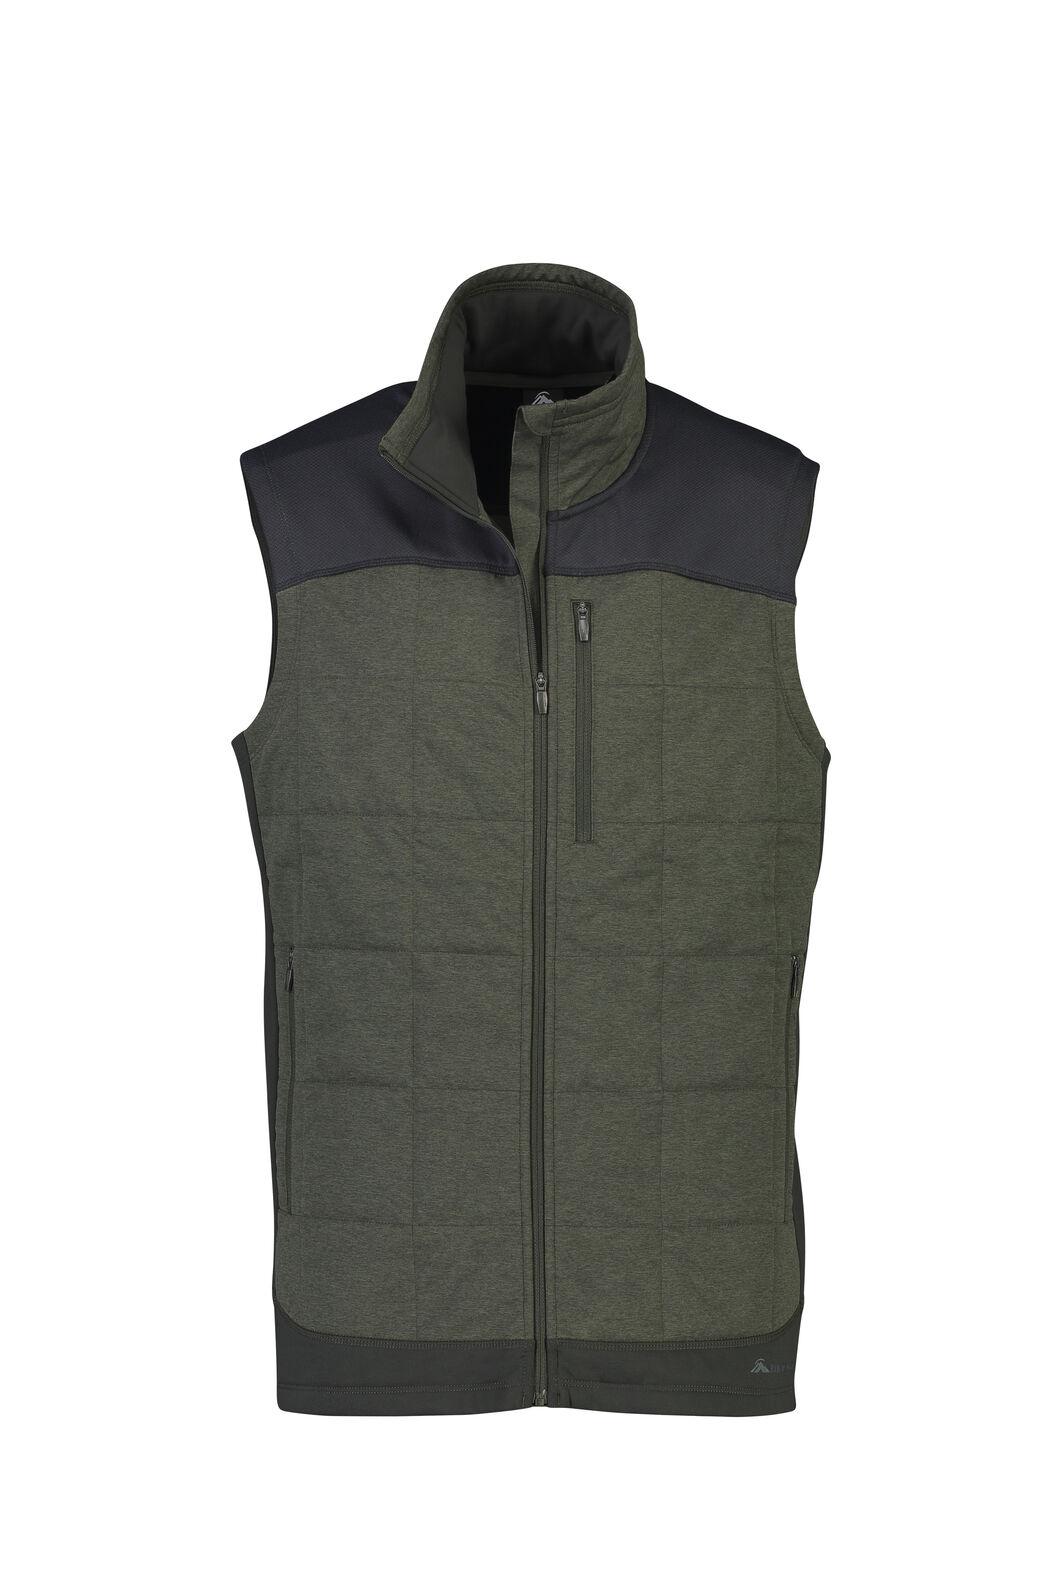 Macpac Accelerate PrimaLoft® Fleece Vest — Men's, Peat, hi-res